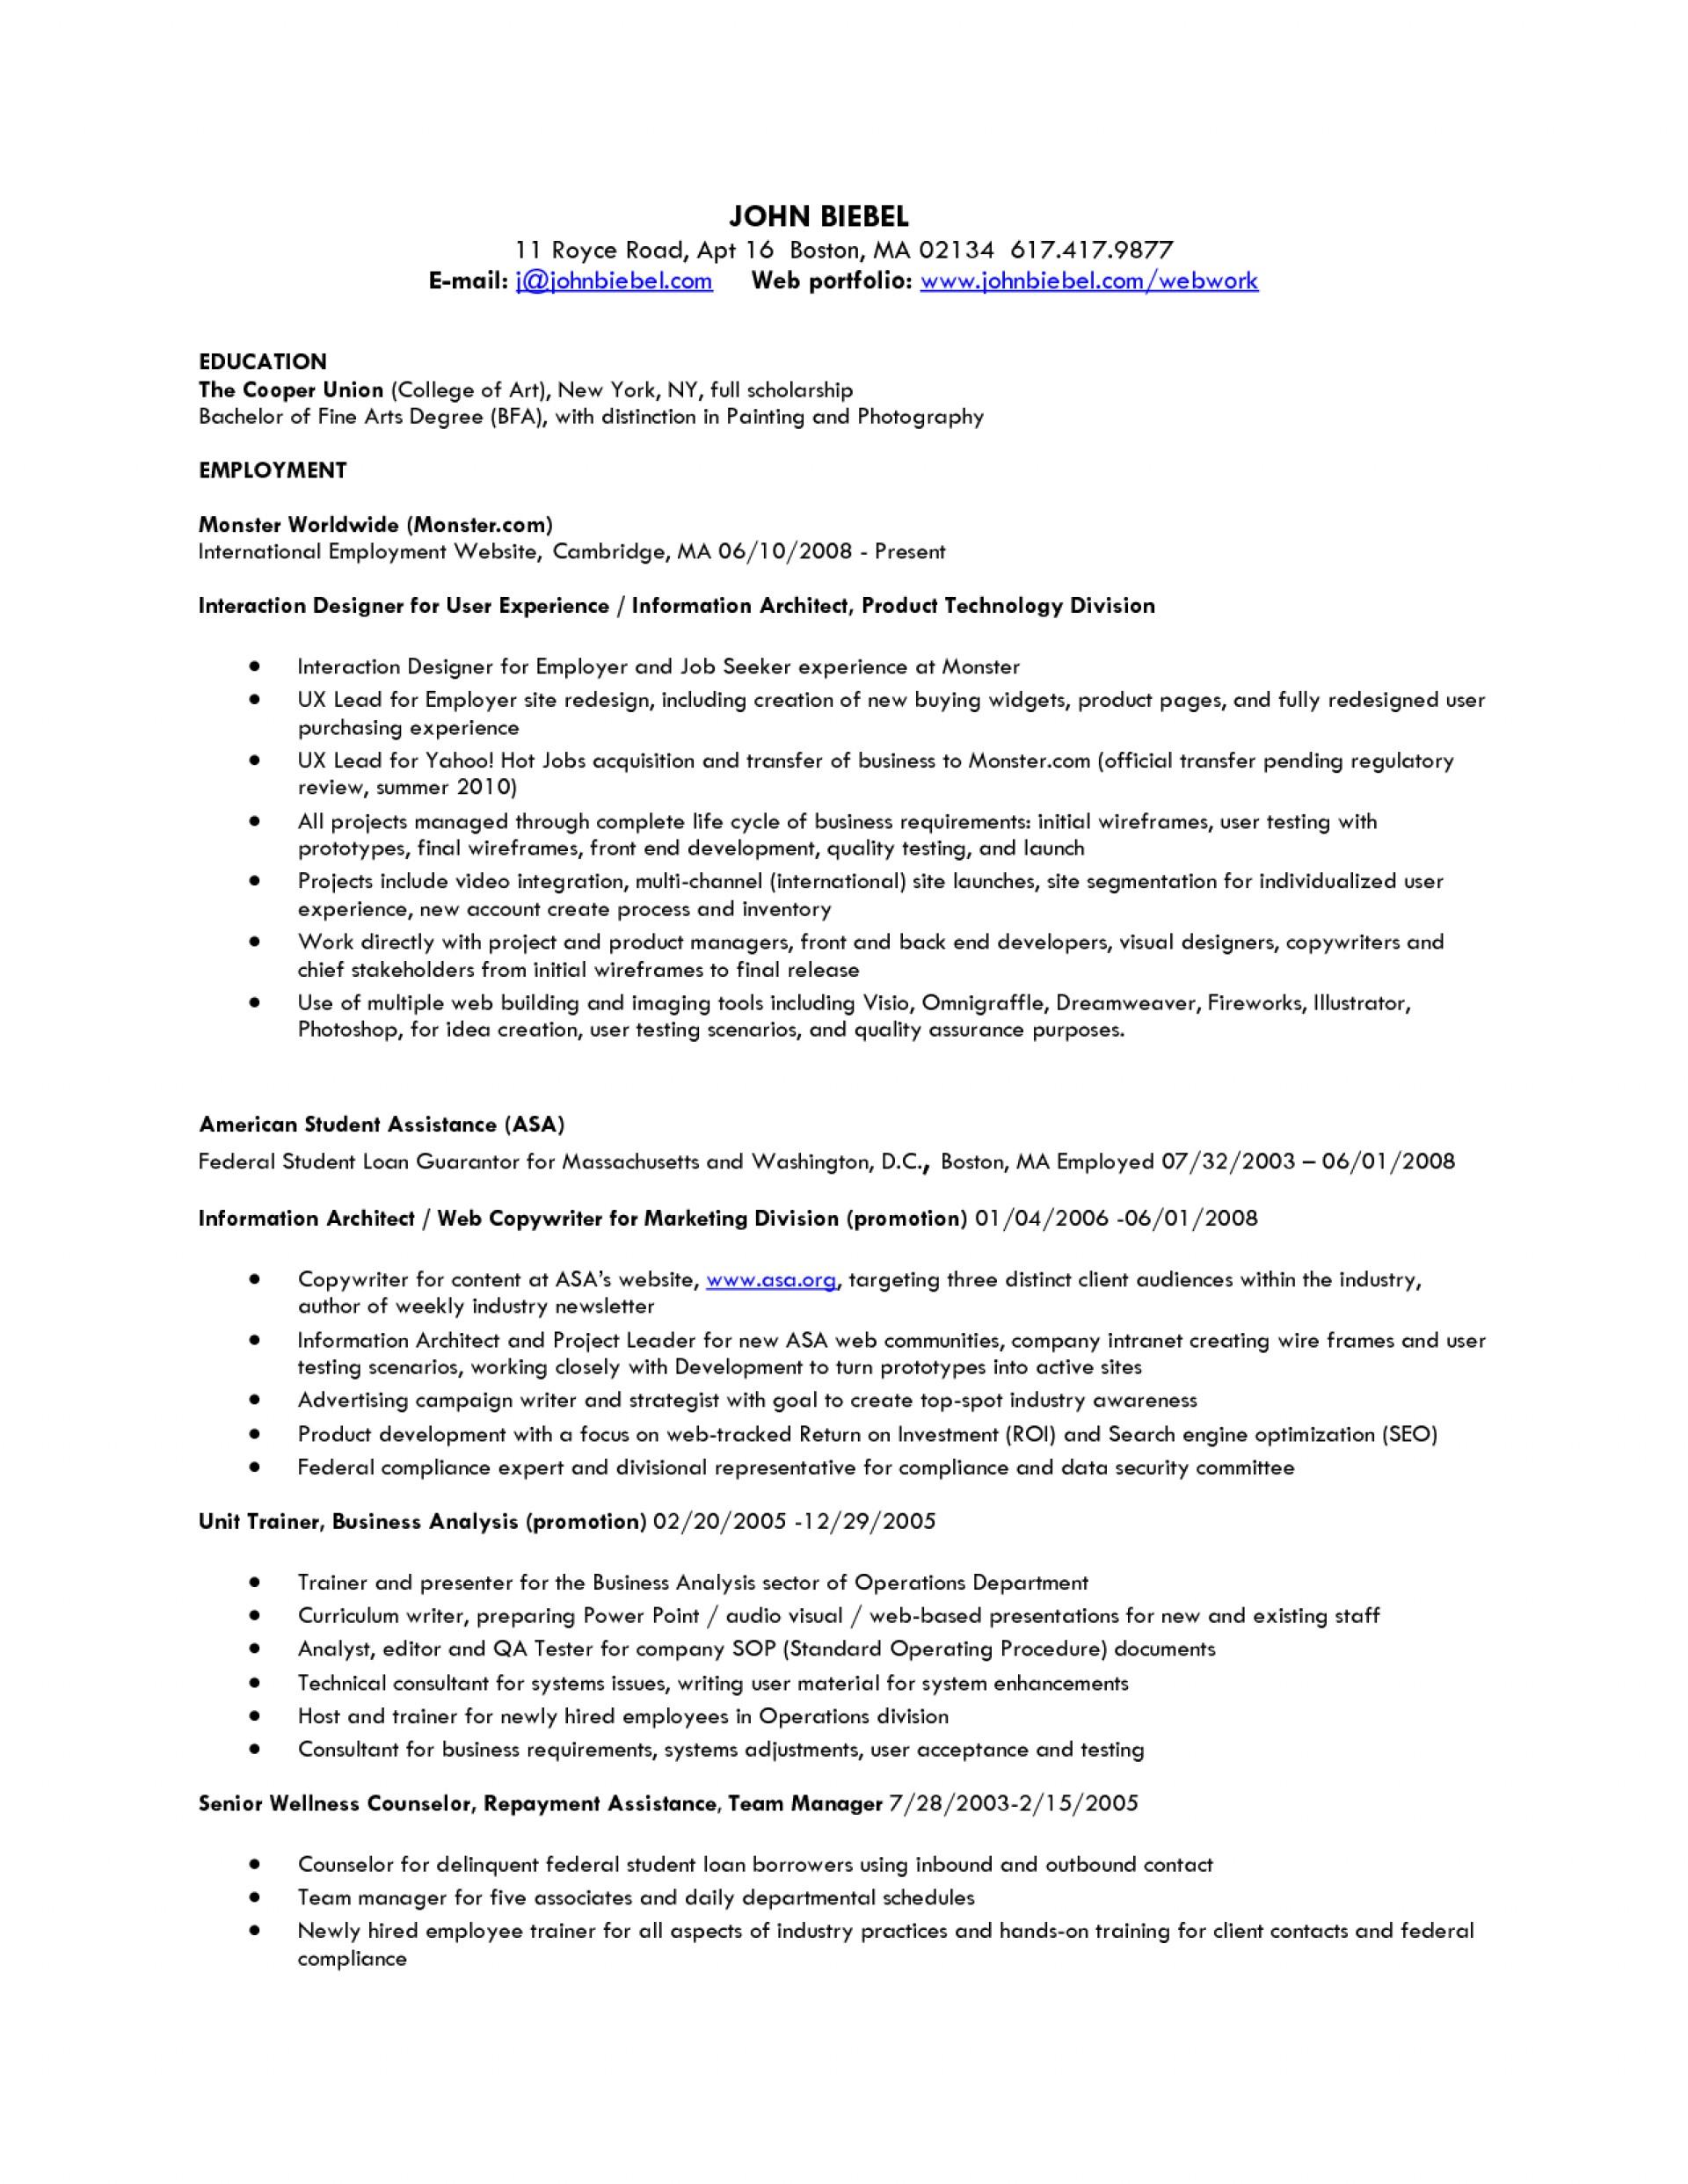 011 House Painter Job Description Employment Essay Impressive Descriptive Format Rubric Pdf Outline And Structure 1920